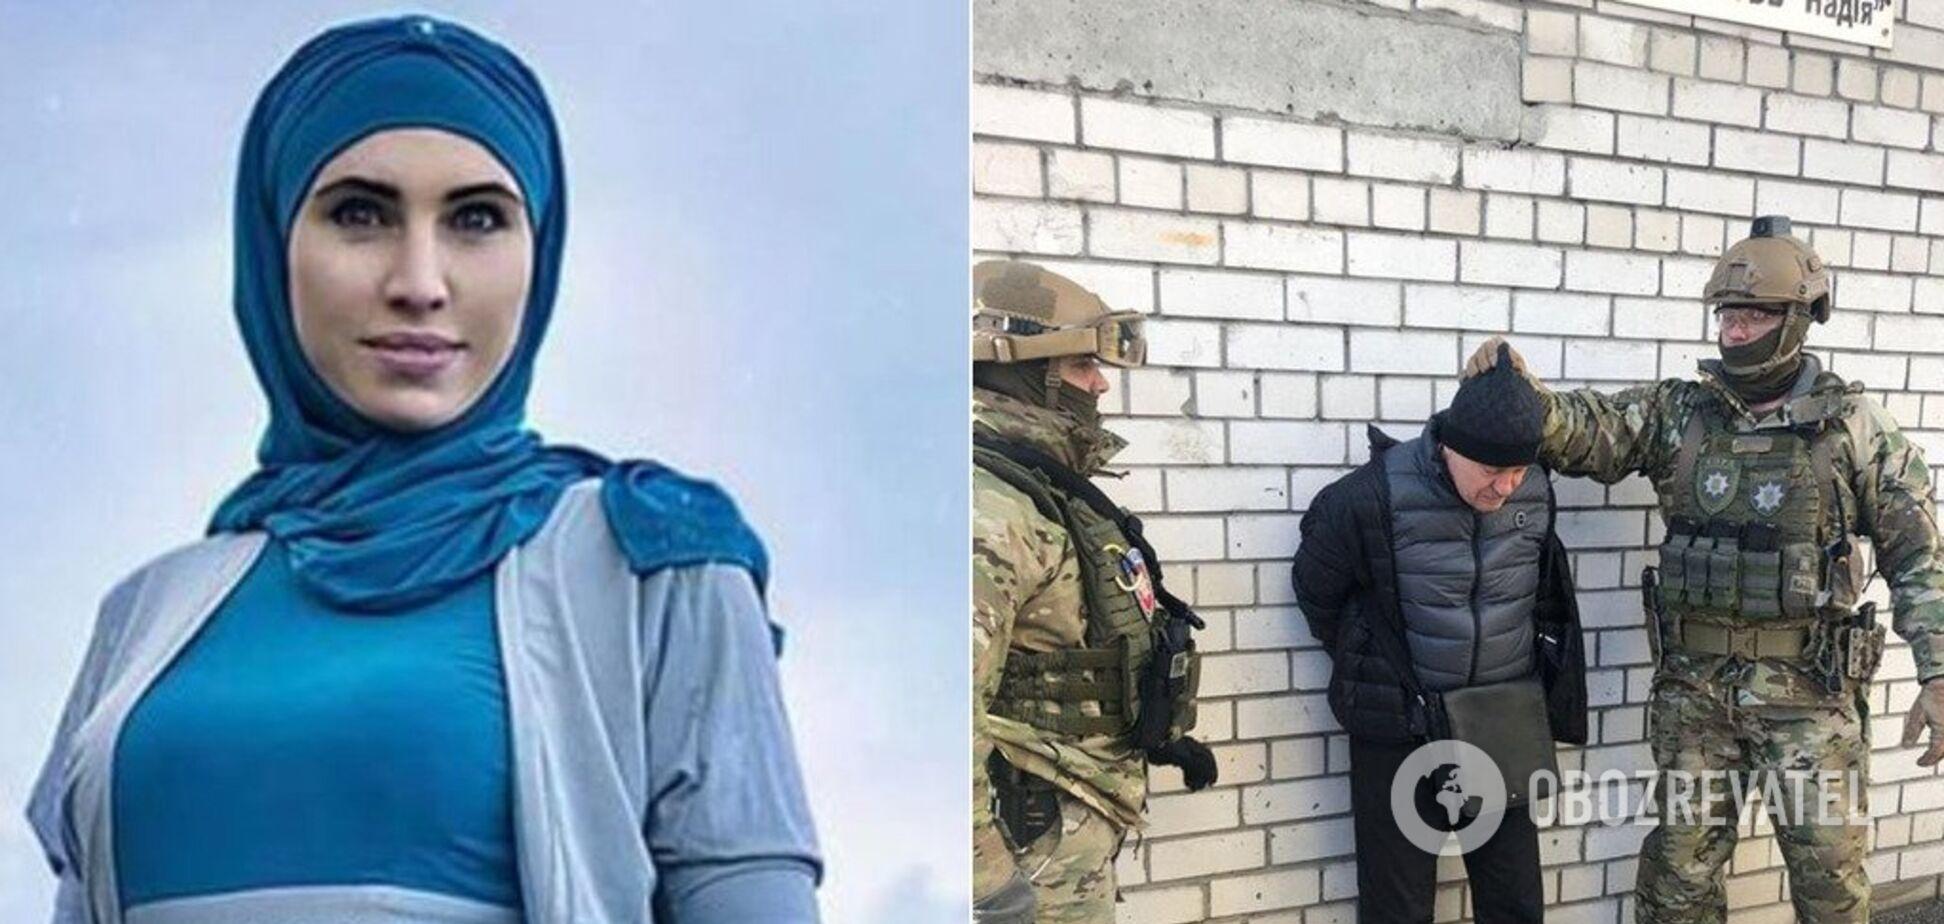 Полиция задержала подозреваемого в убийстве Окуевой